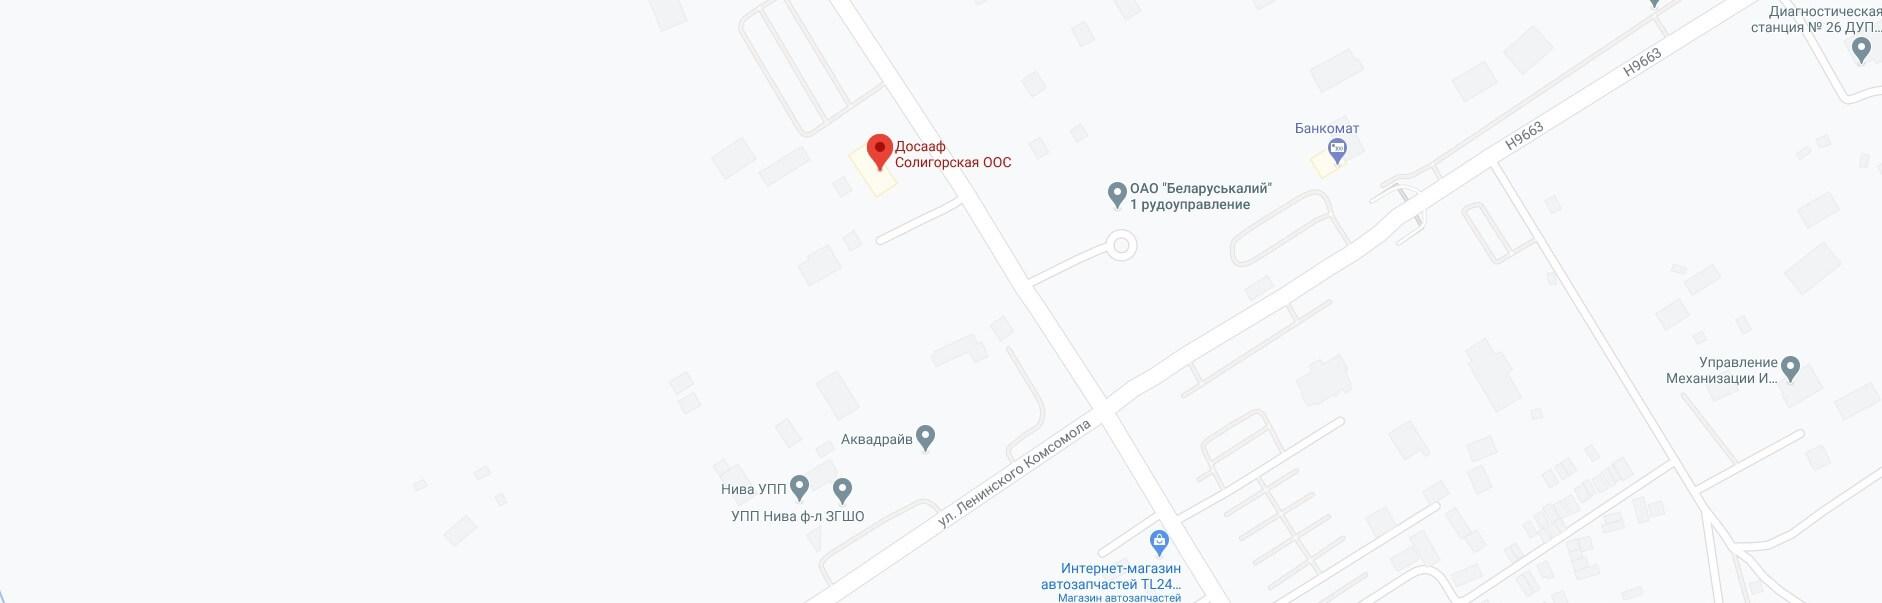 Карта Солигорская ДОСААФ